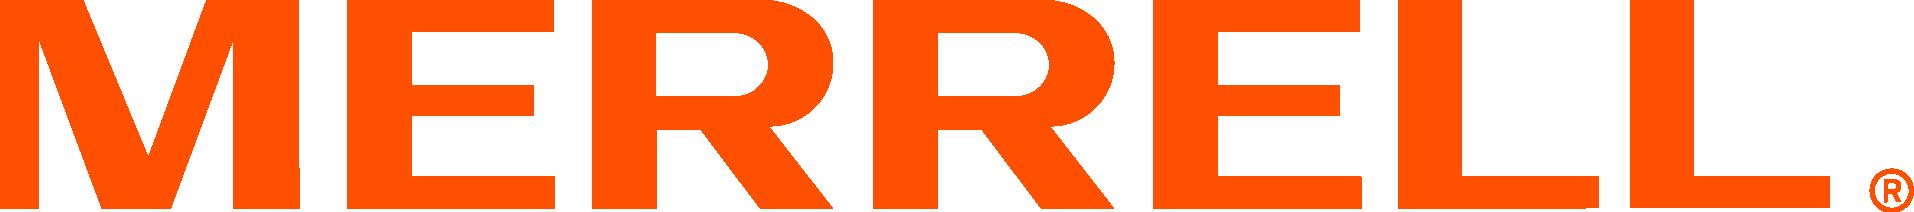 Image result for merrell logo